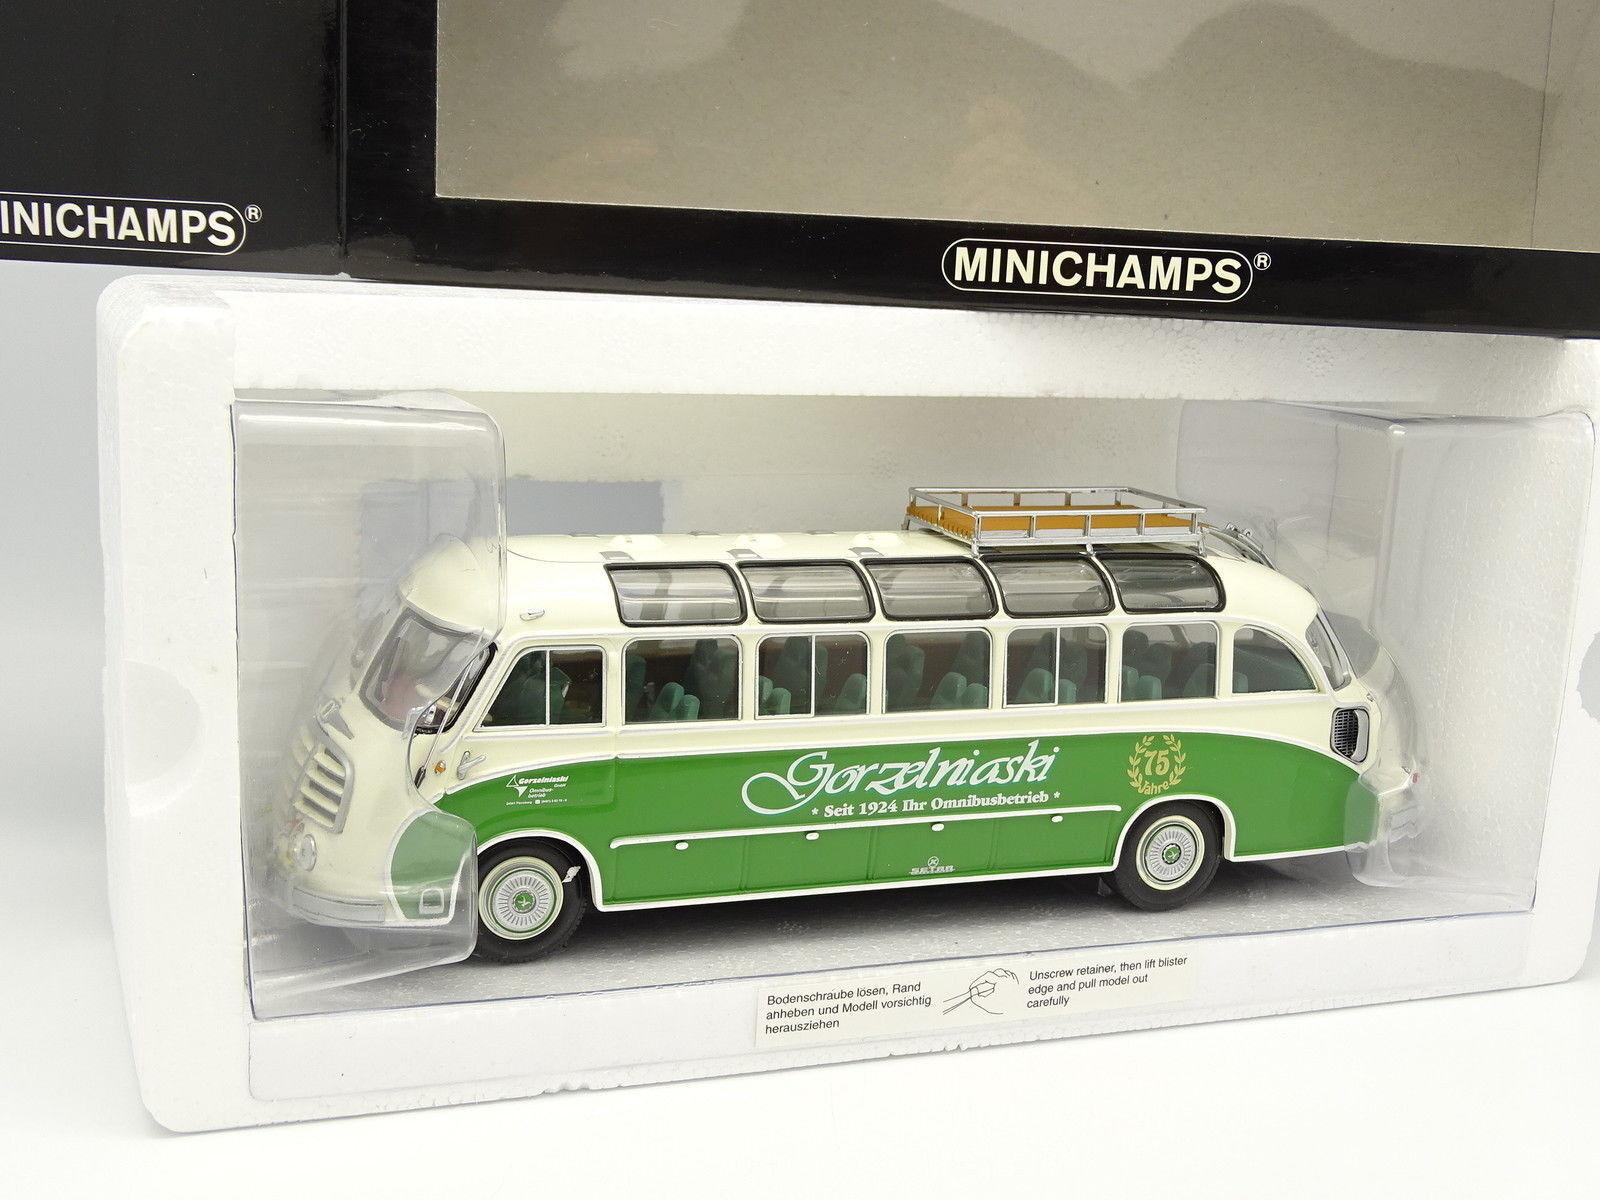 Minichamps 1/43 - Car Autocar Setra S8 1953 Vert Gorzelniaski